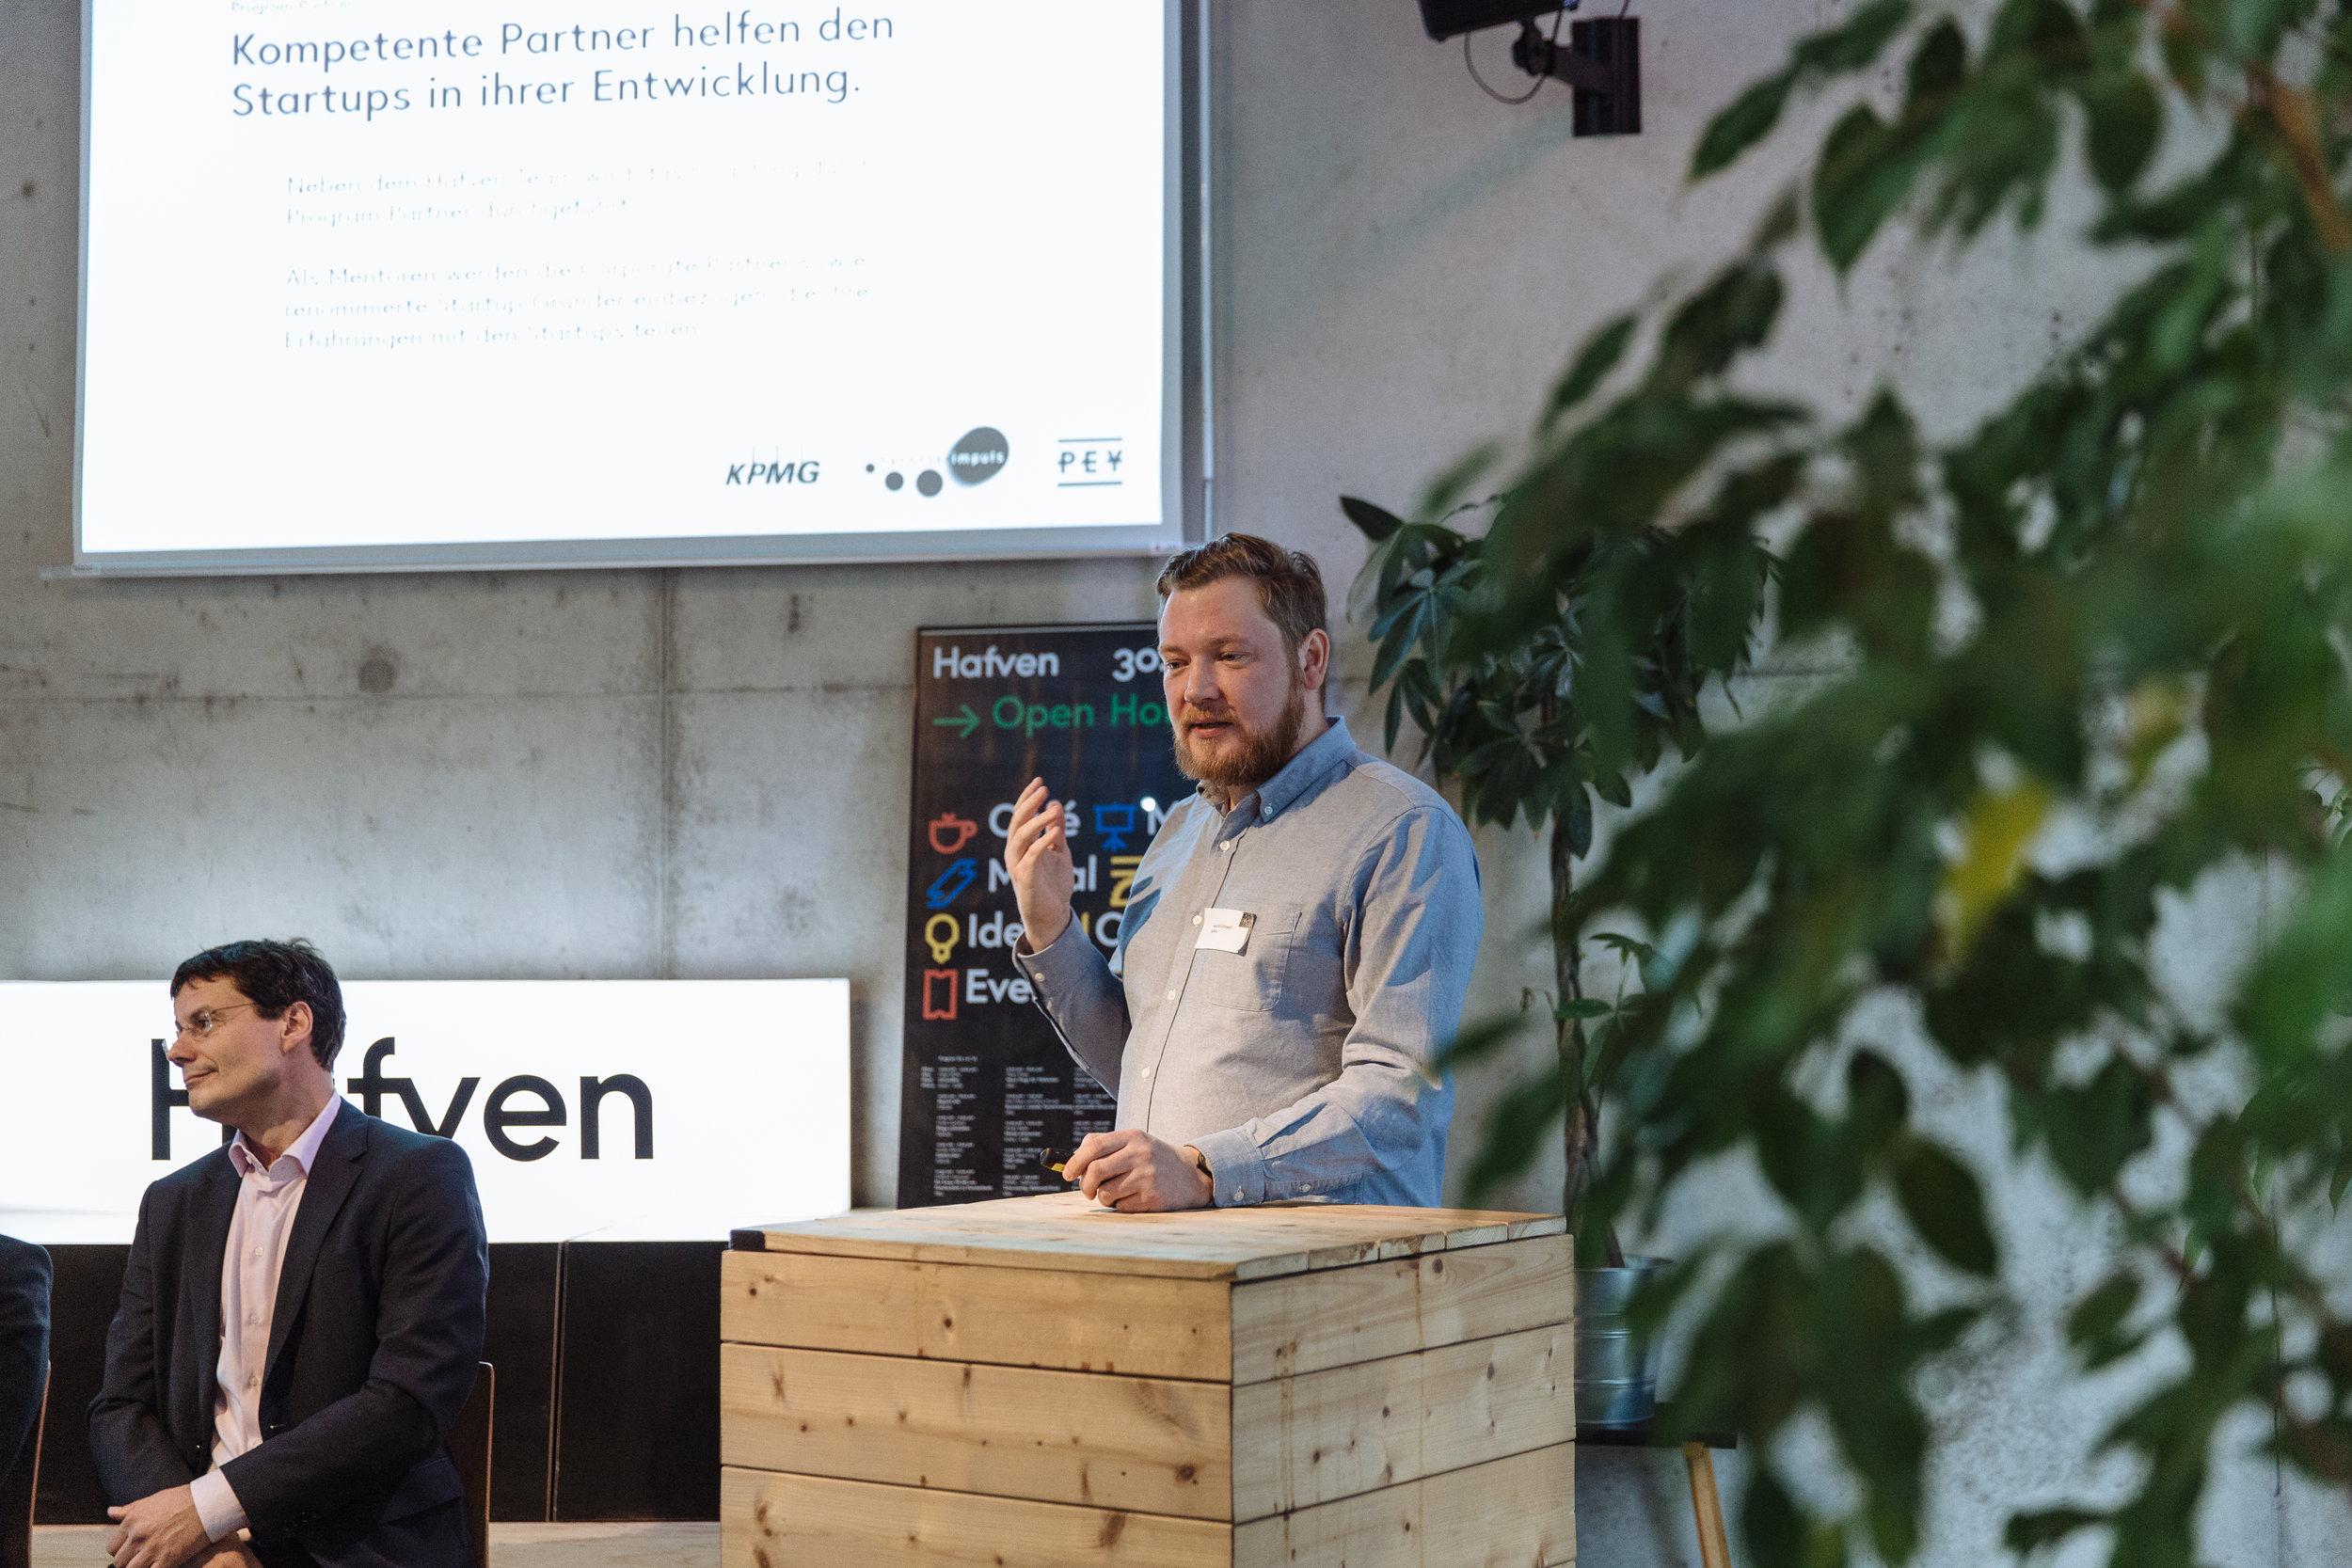 Hendrik Schwedt (Hafven) stellt das Accelerator Konzept vor